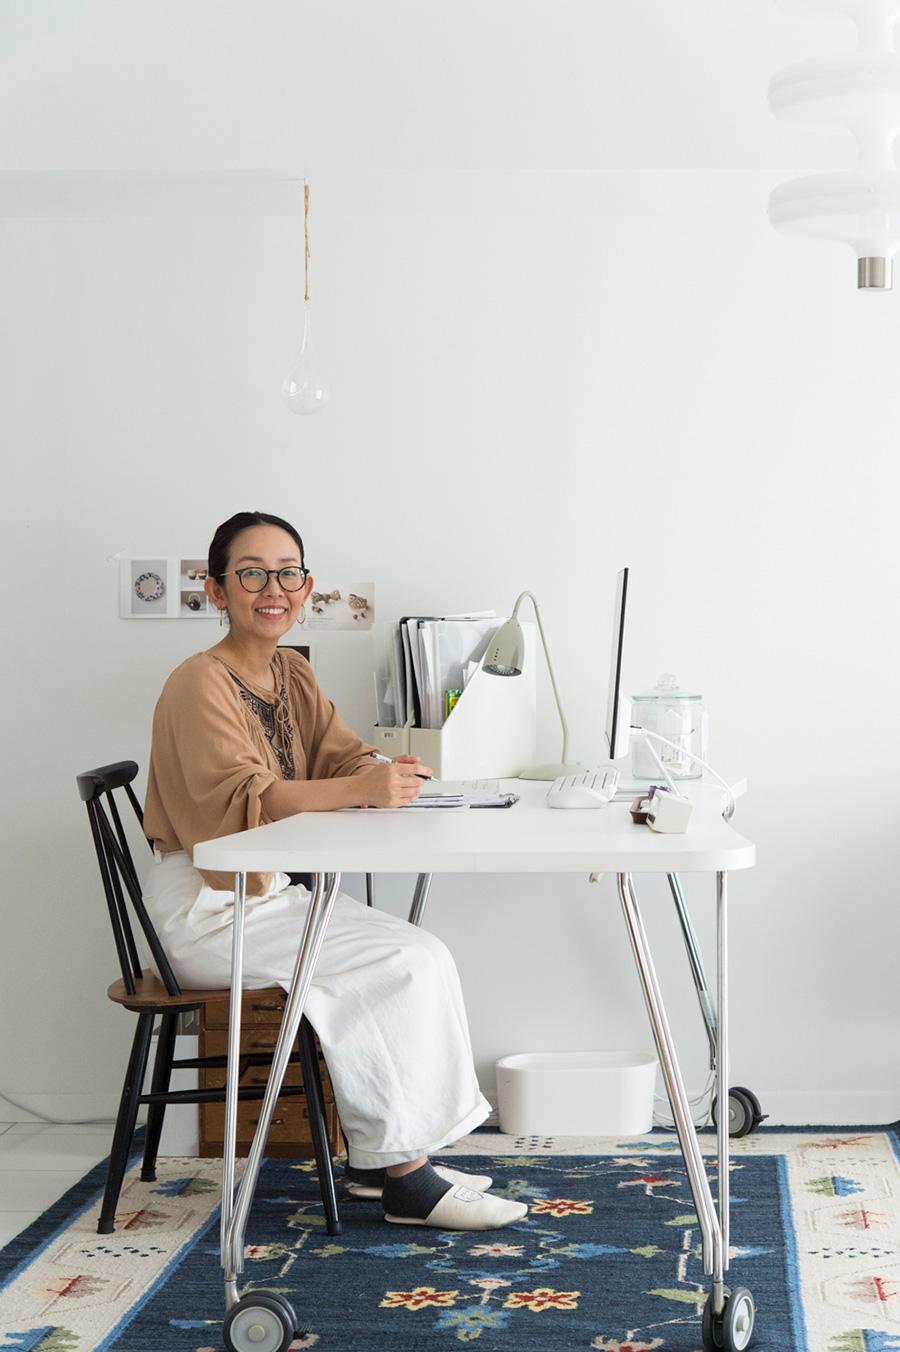 ライフオーガナイザー®田中由美子さん。ブログで快適な暮らしを発信。著書に「ごきげん家しごと」(マイナビ出版)も。